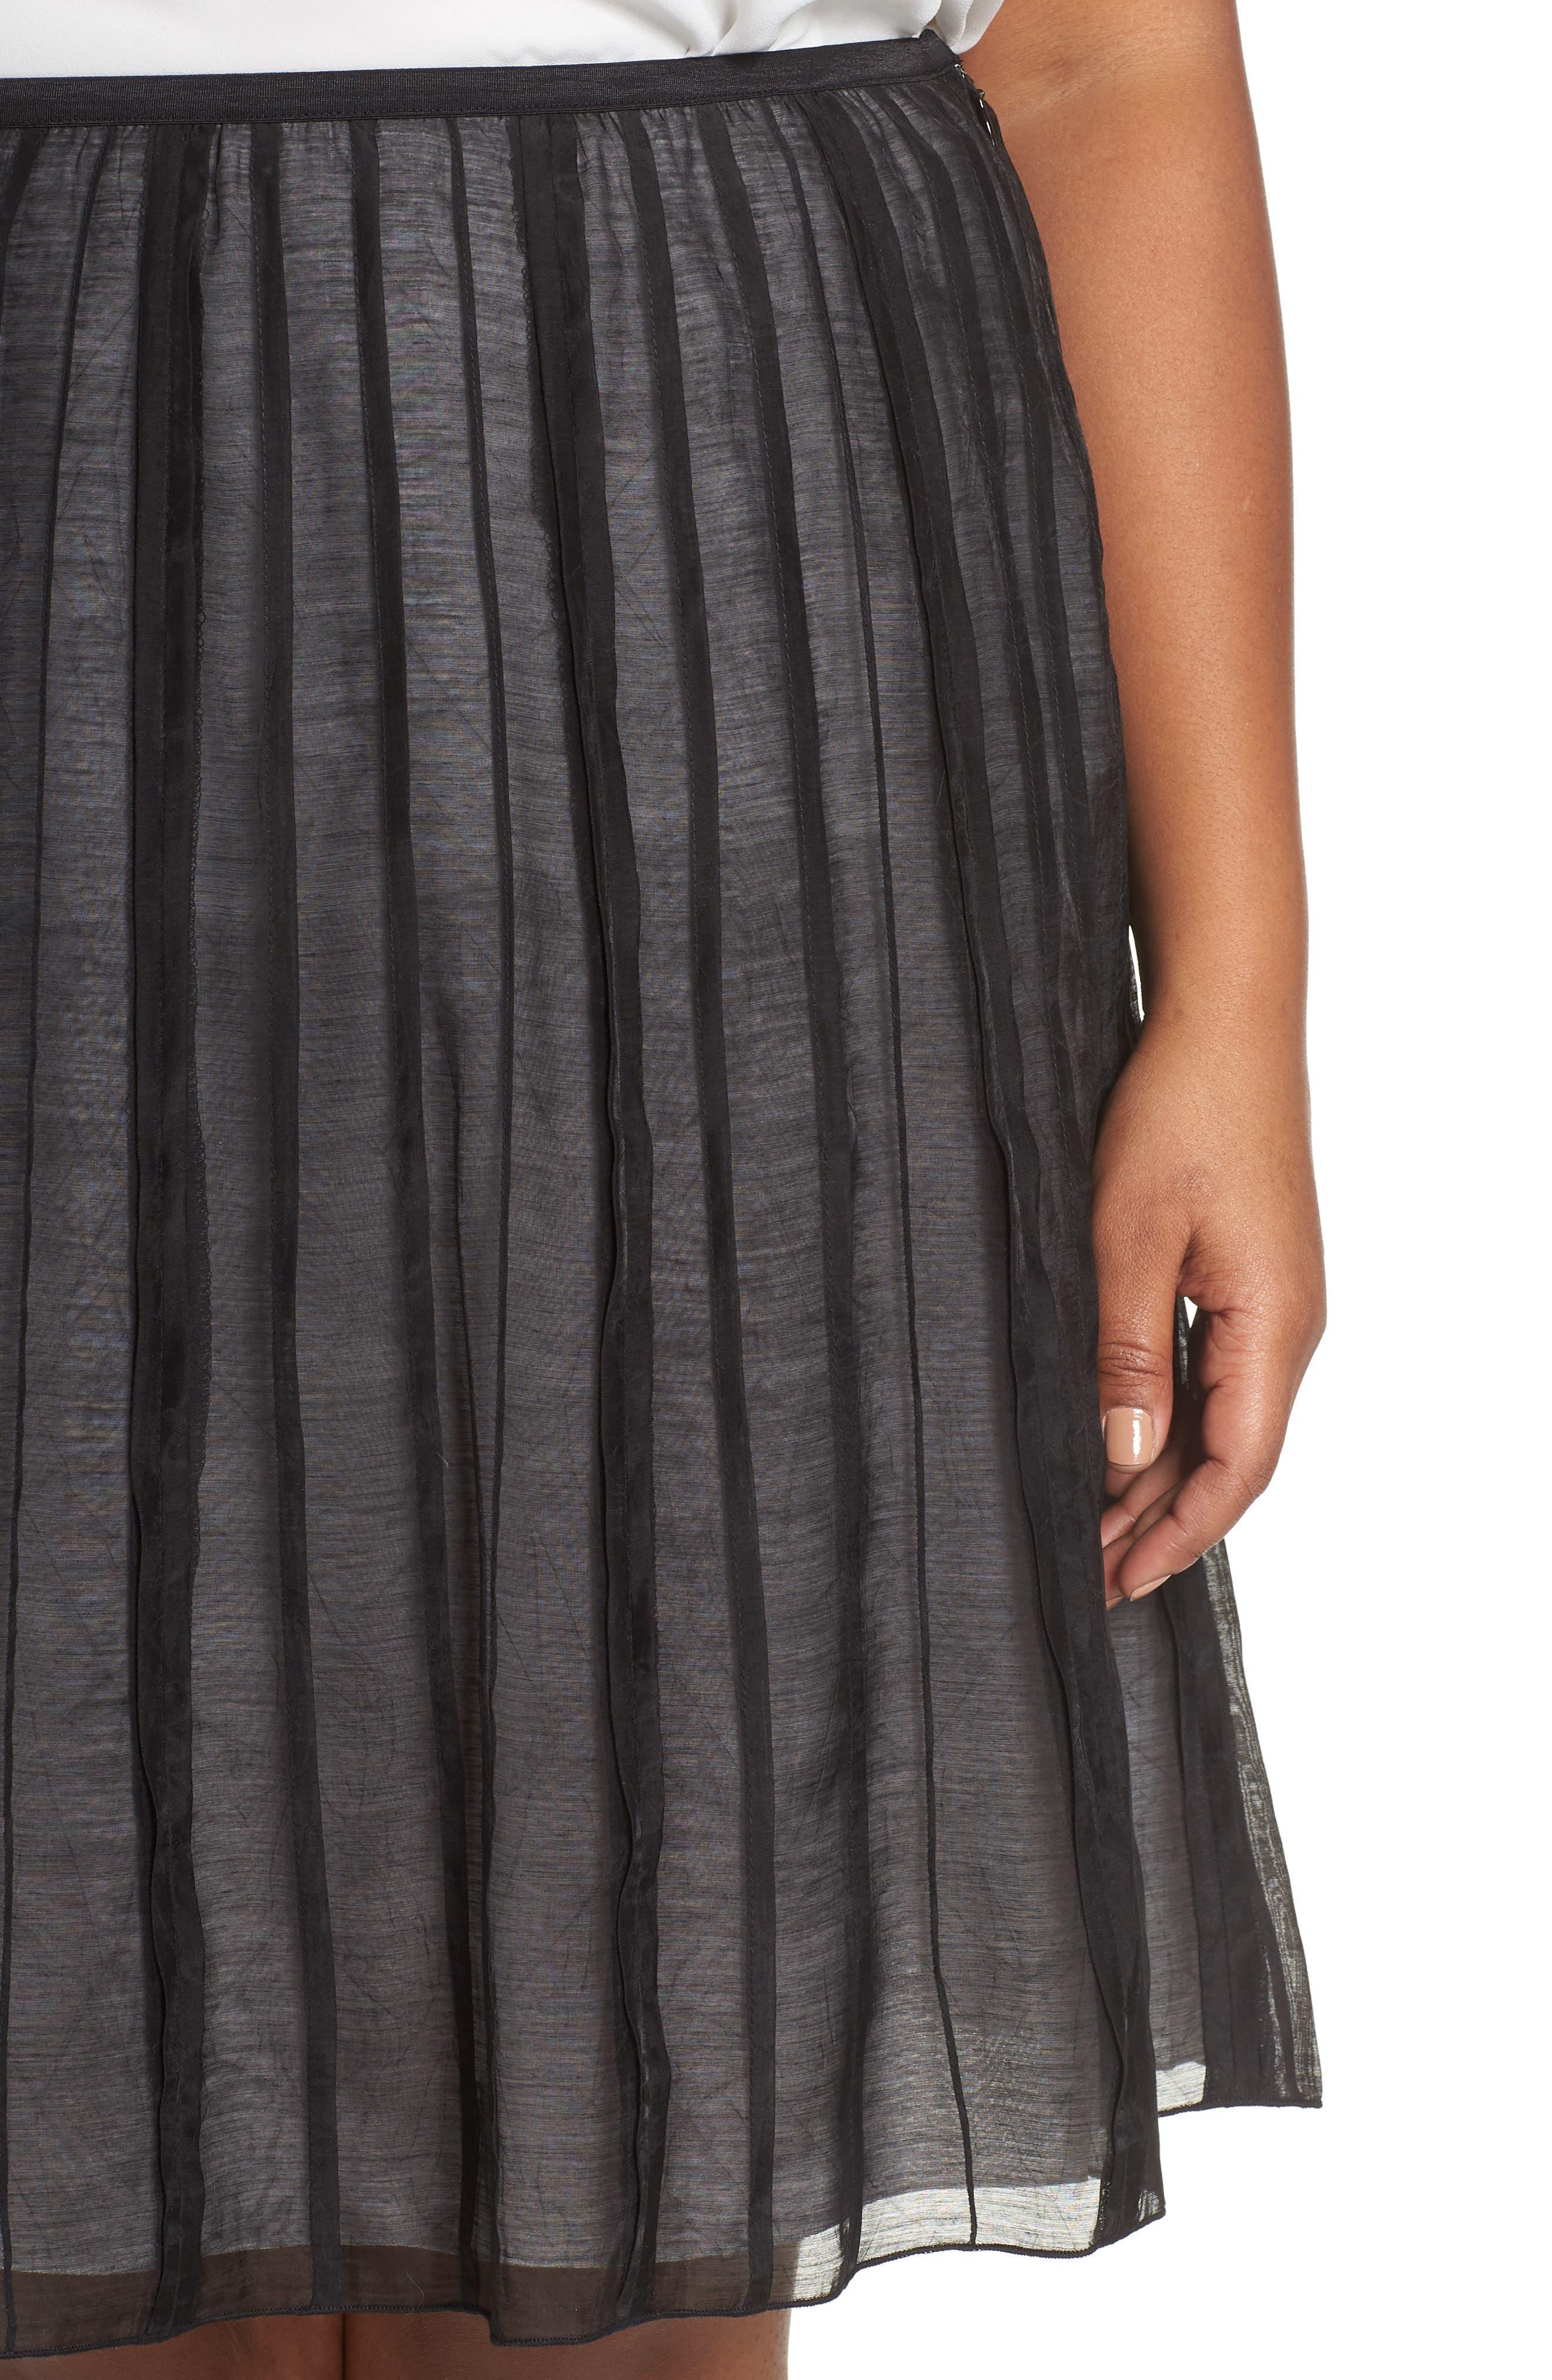 Batiste Flirt Skirt,                             Alternate thumbnail 4, color,                             BLACK ONYX